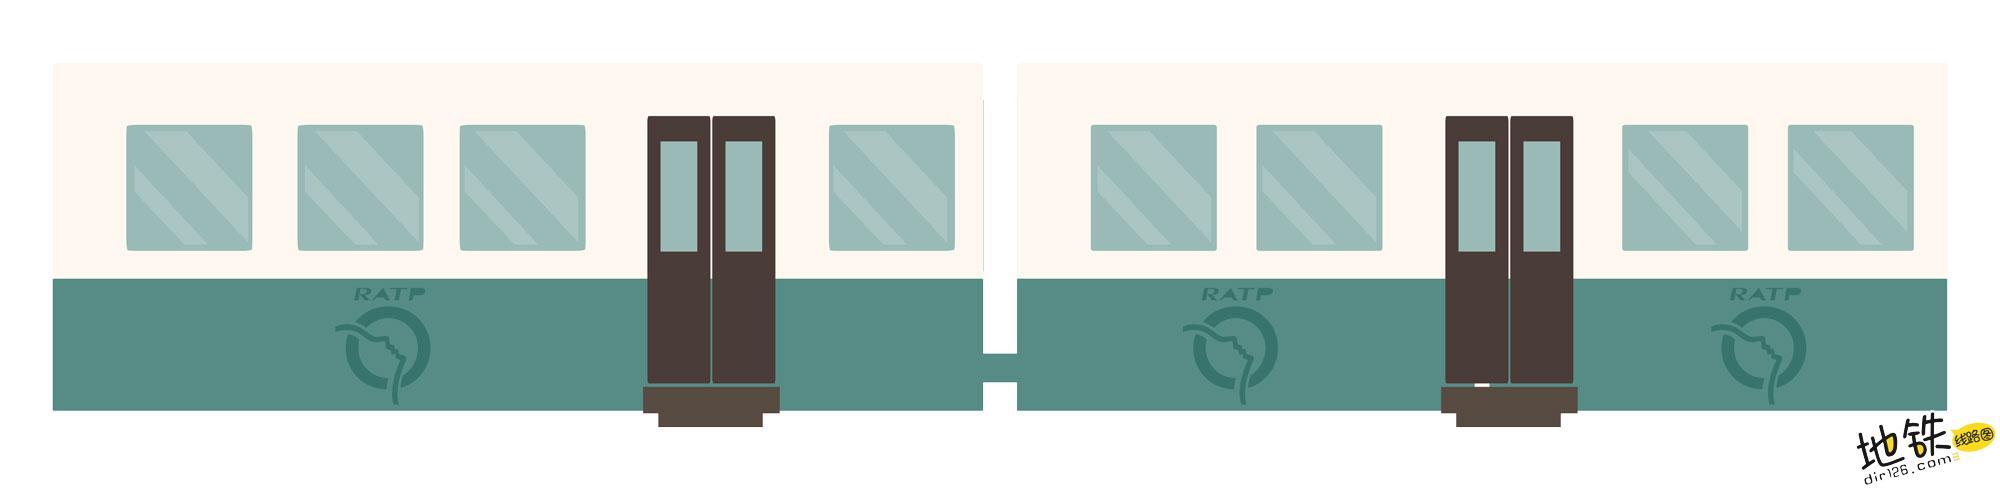 轨道交通地铁列车ATO自动驾驶和人工驾驶有何不同?